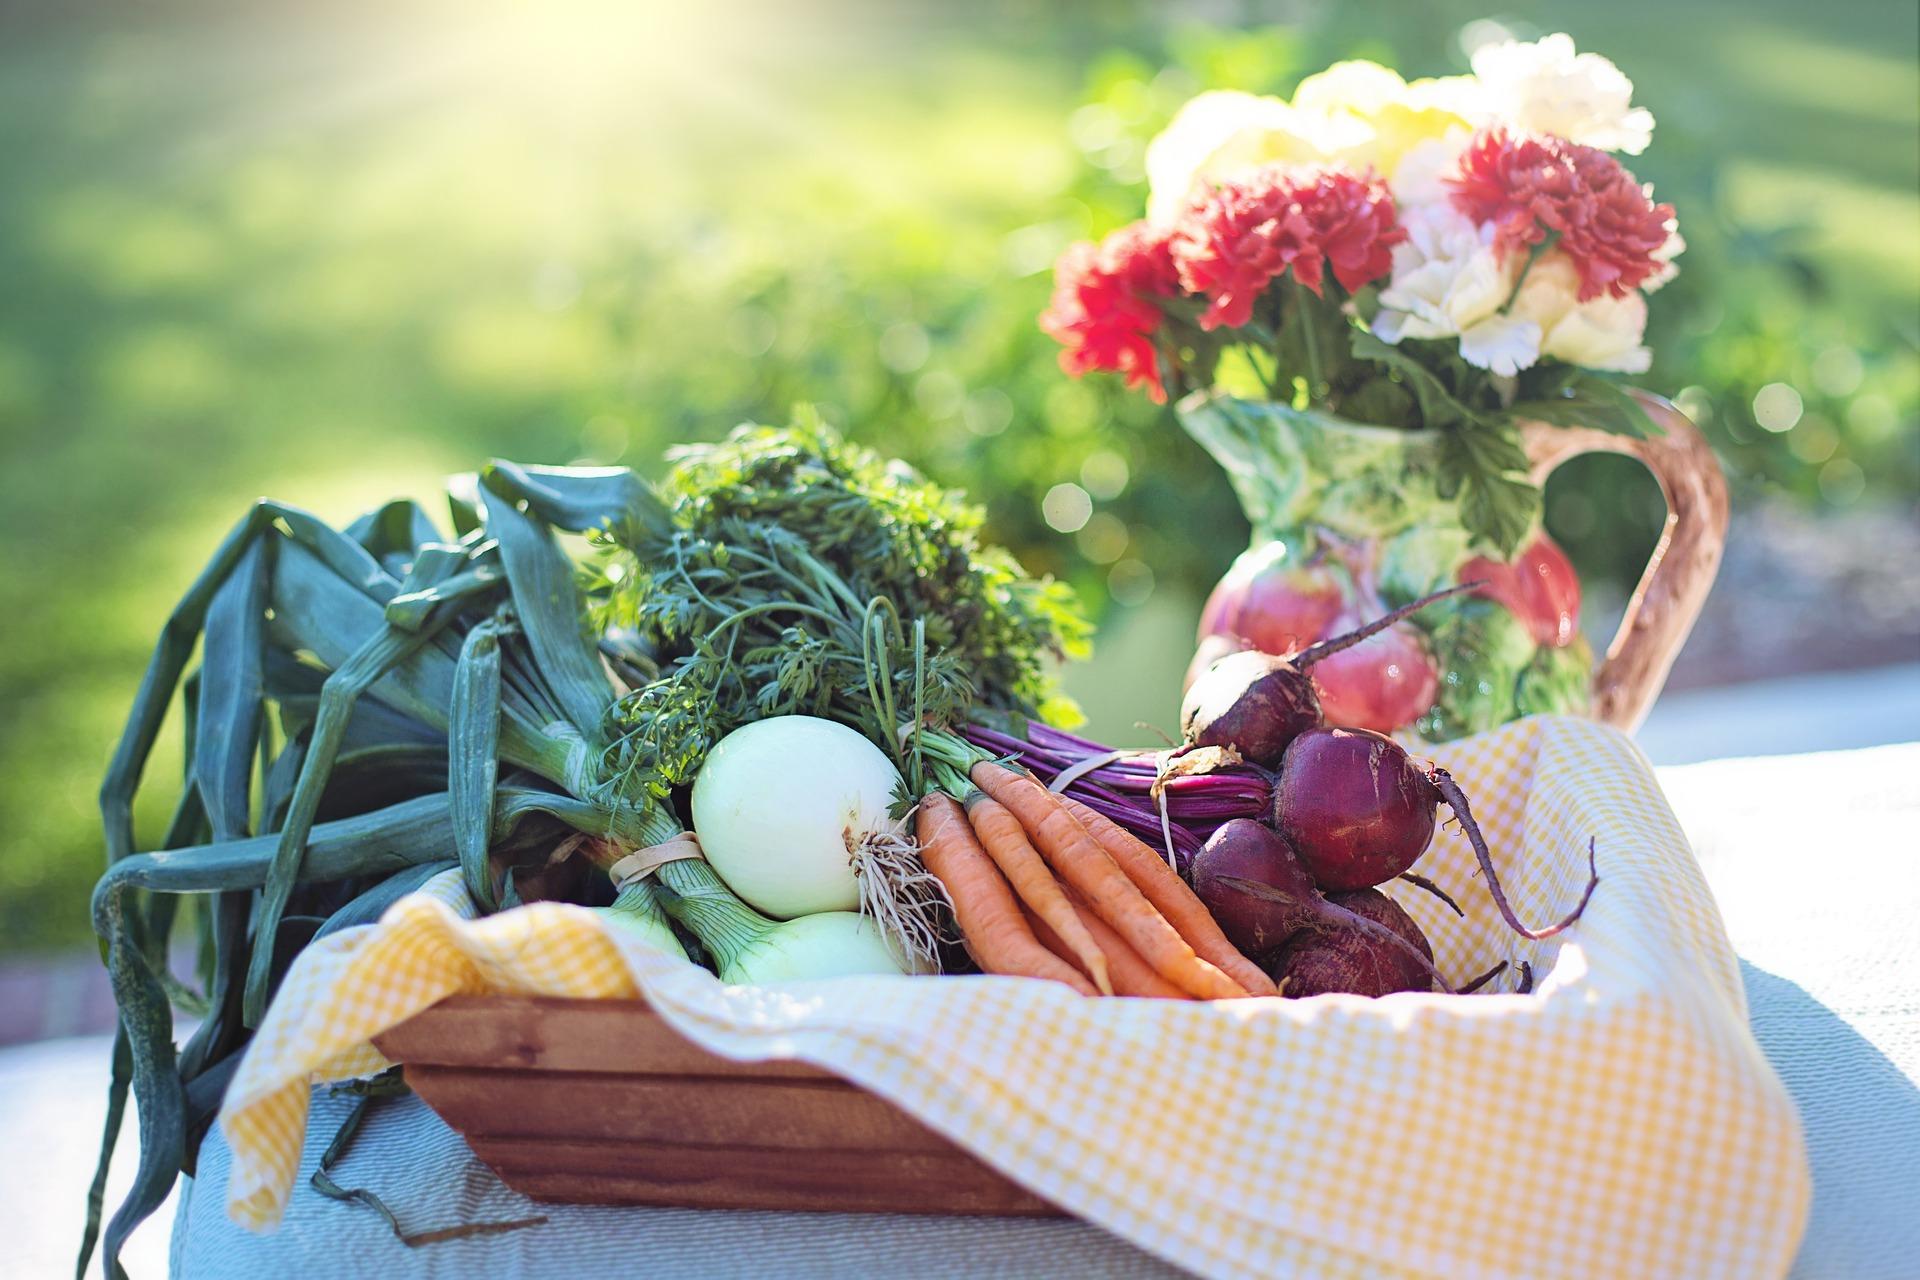 Panier de légumes: poireaux, oignons cébettes, carrotes fanes, oignons rouges posé sur une table blanche dans jardin ensoleillé